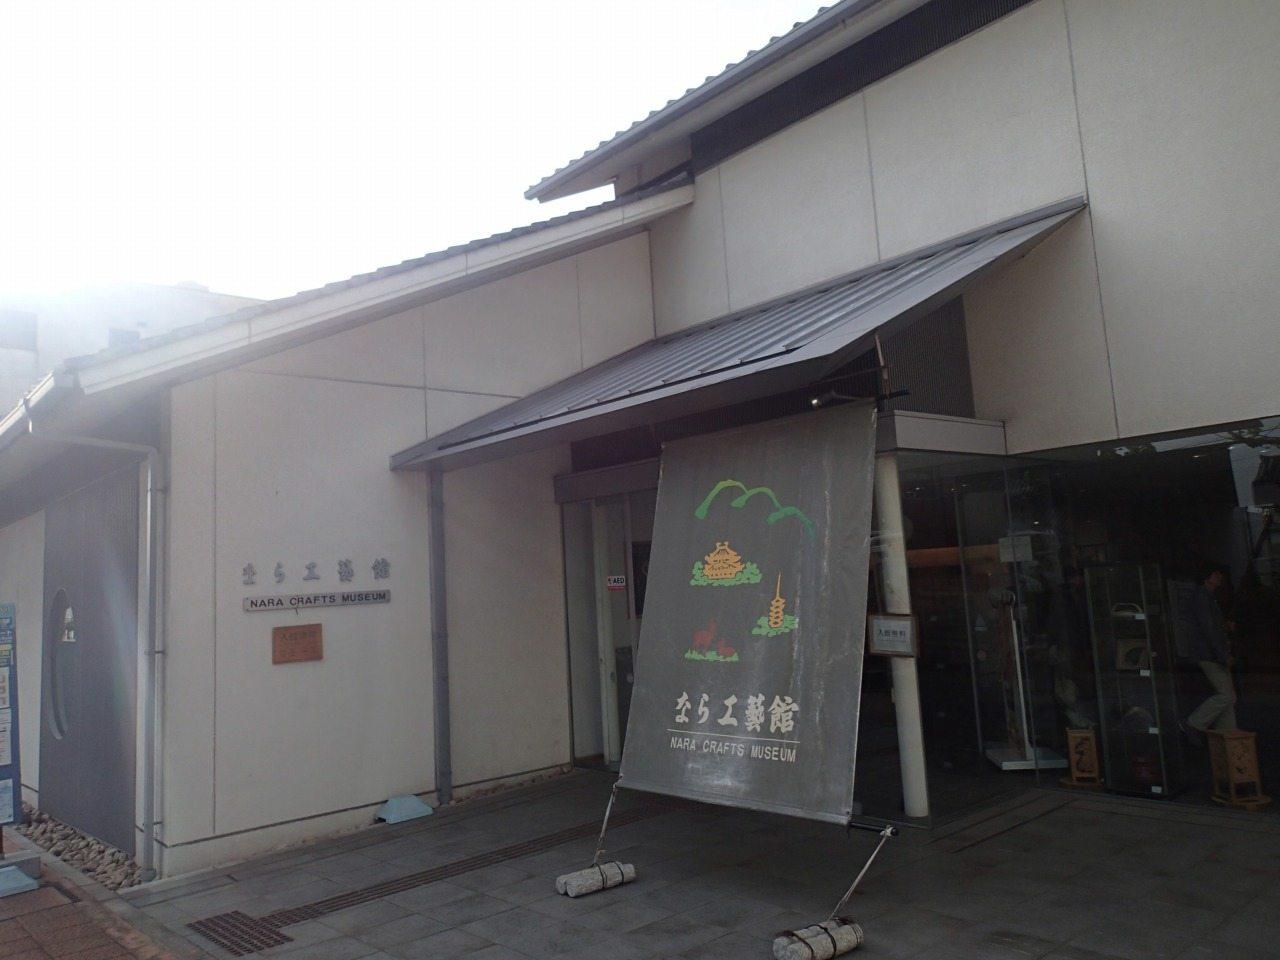 s-s-P5050282.jpg